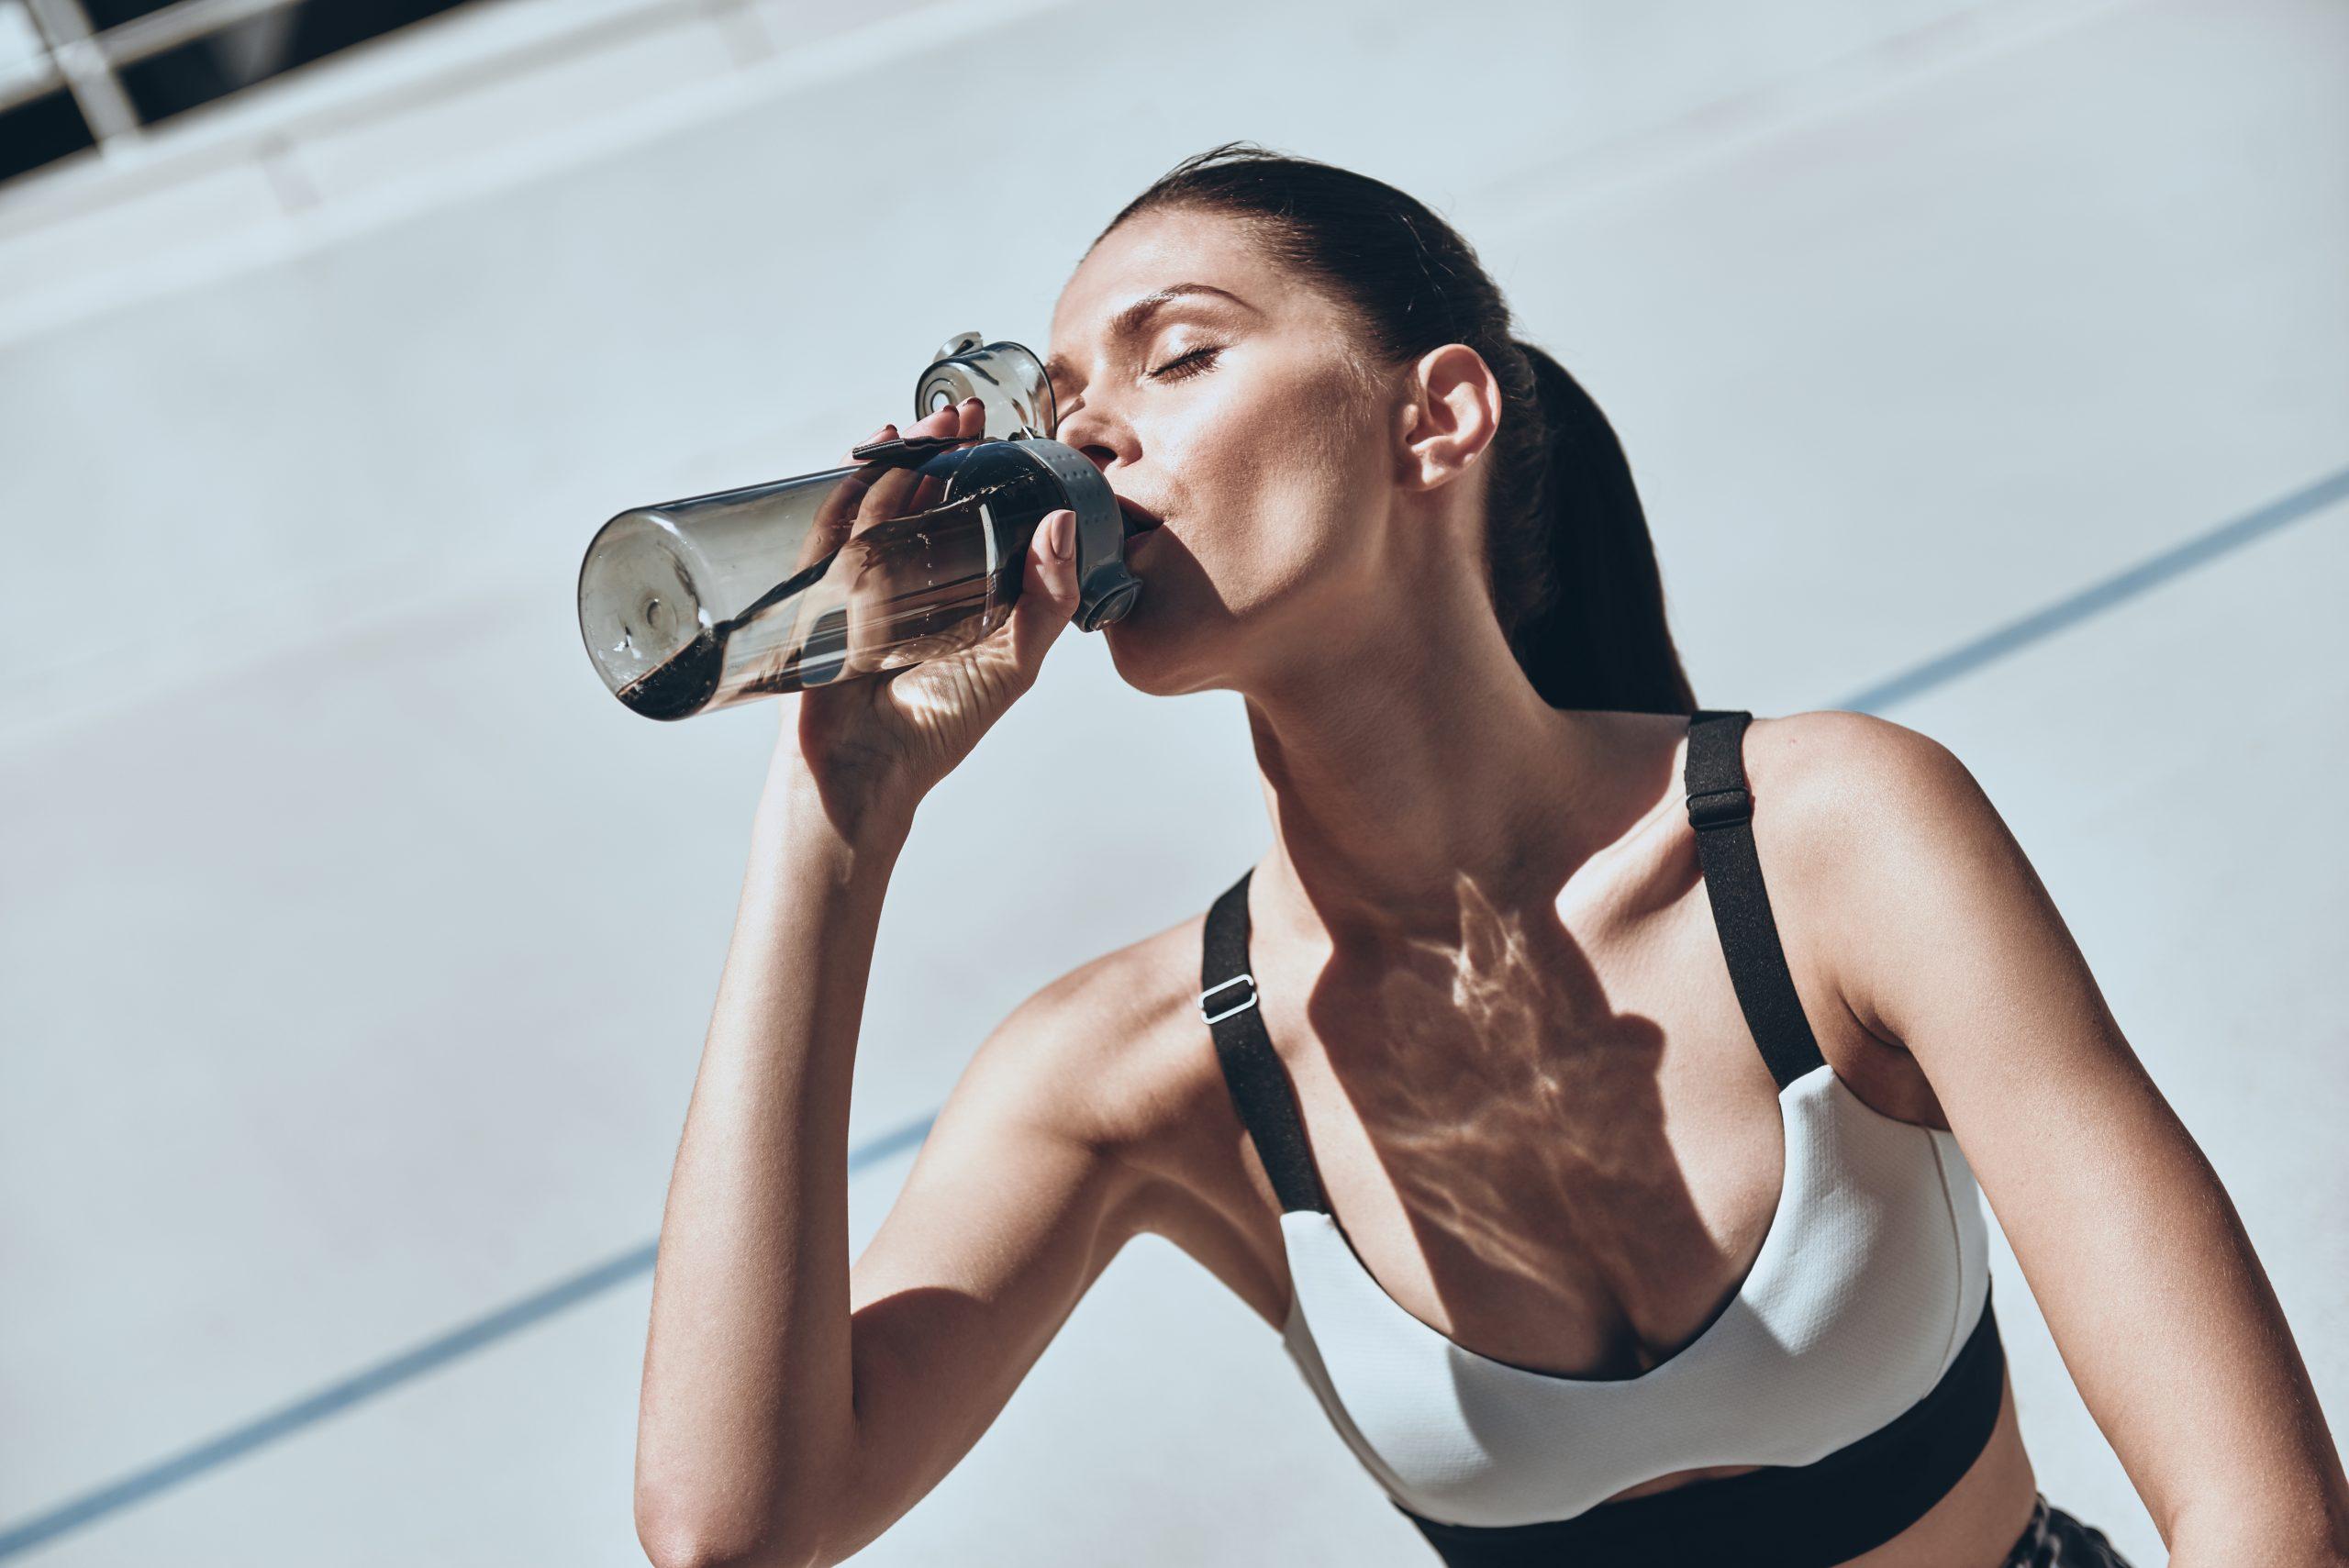 Adaptar las rutinas de entrenamiento al calor